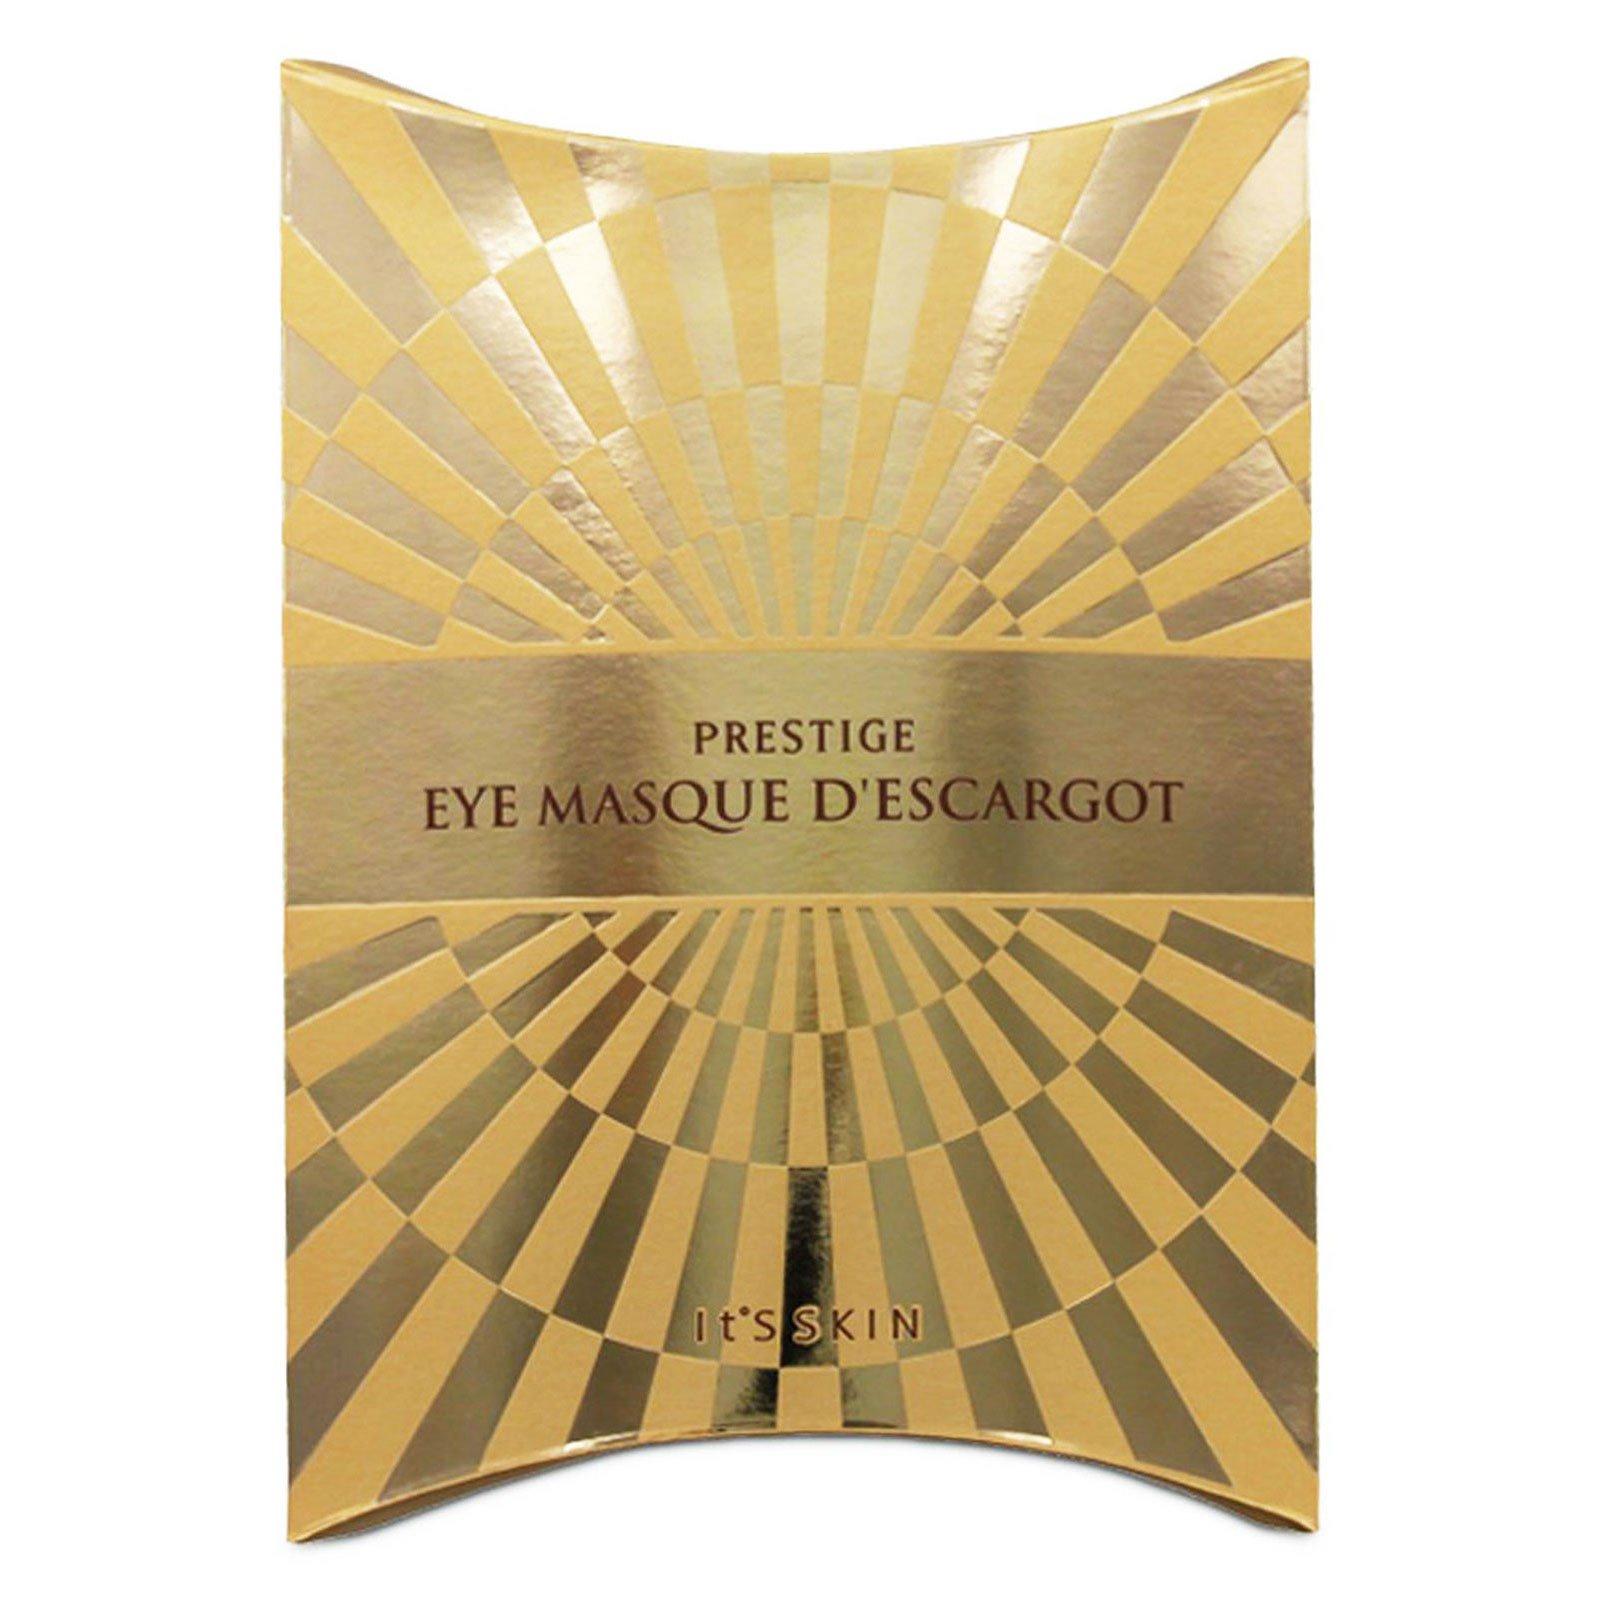 It's Skin, Престиж, Улиточная маска для глаз, 5 шт. в упаковке